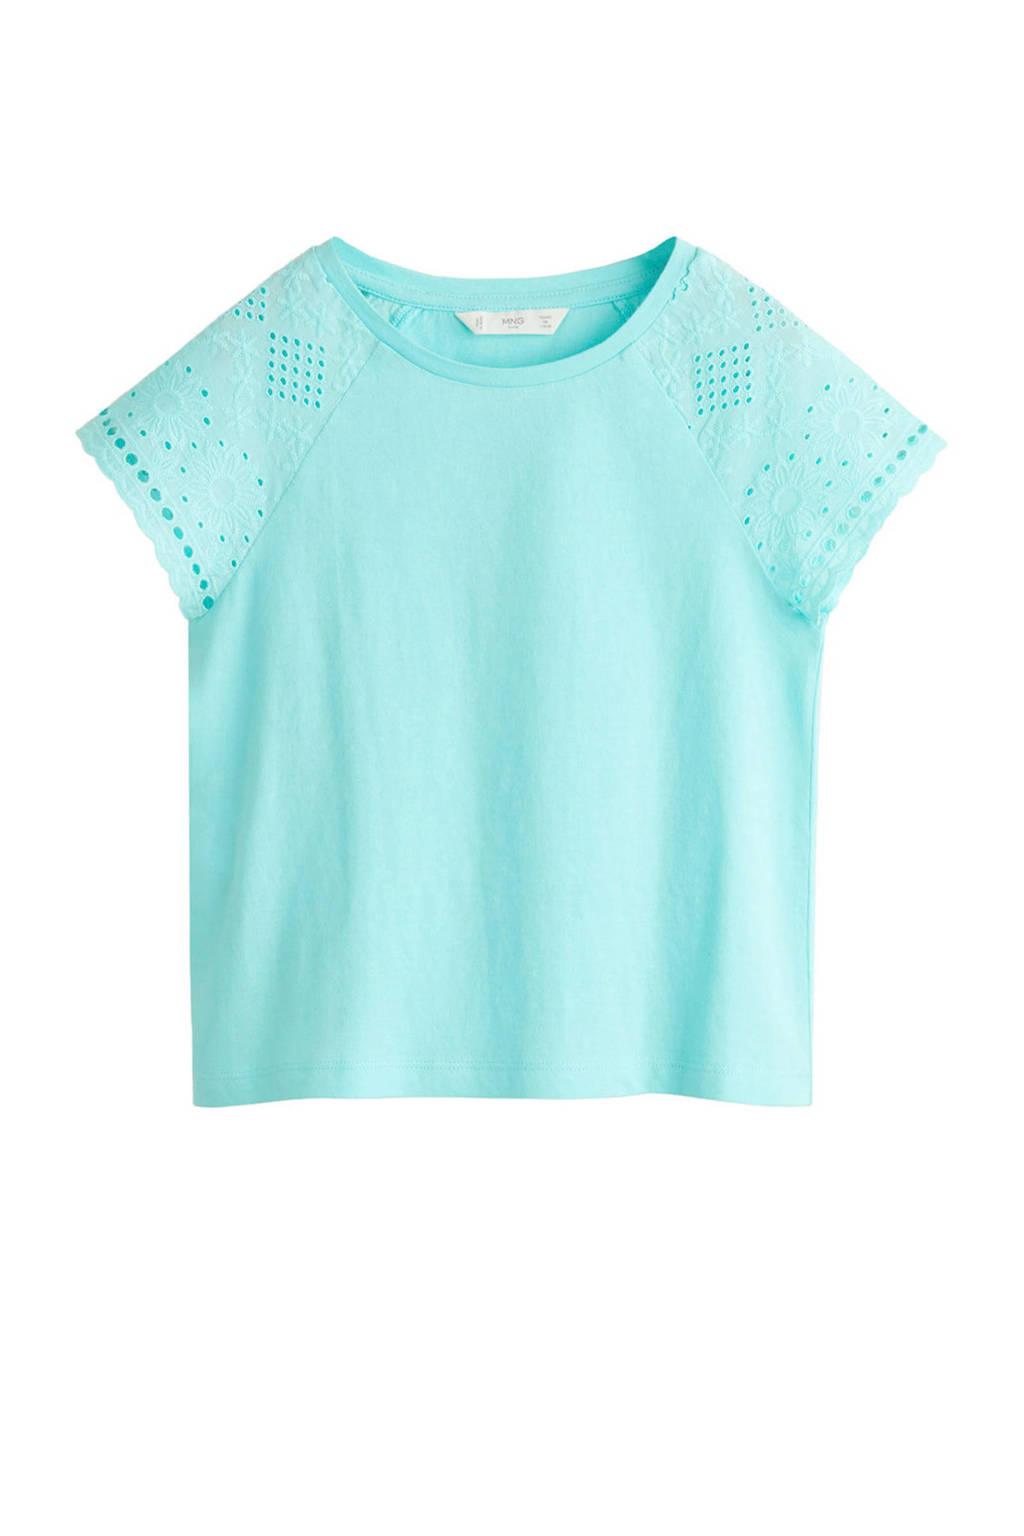 Mango Kids T-shirt met broderie lichtblauw, Lichtblauw